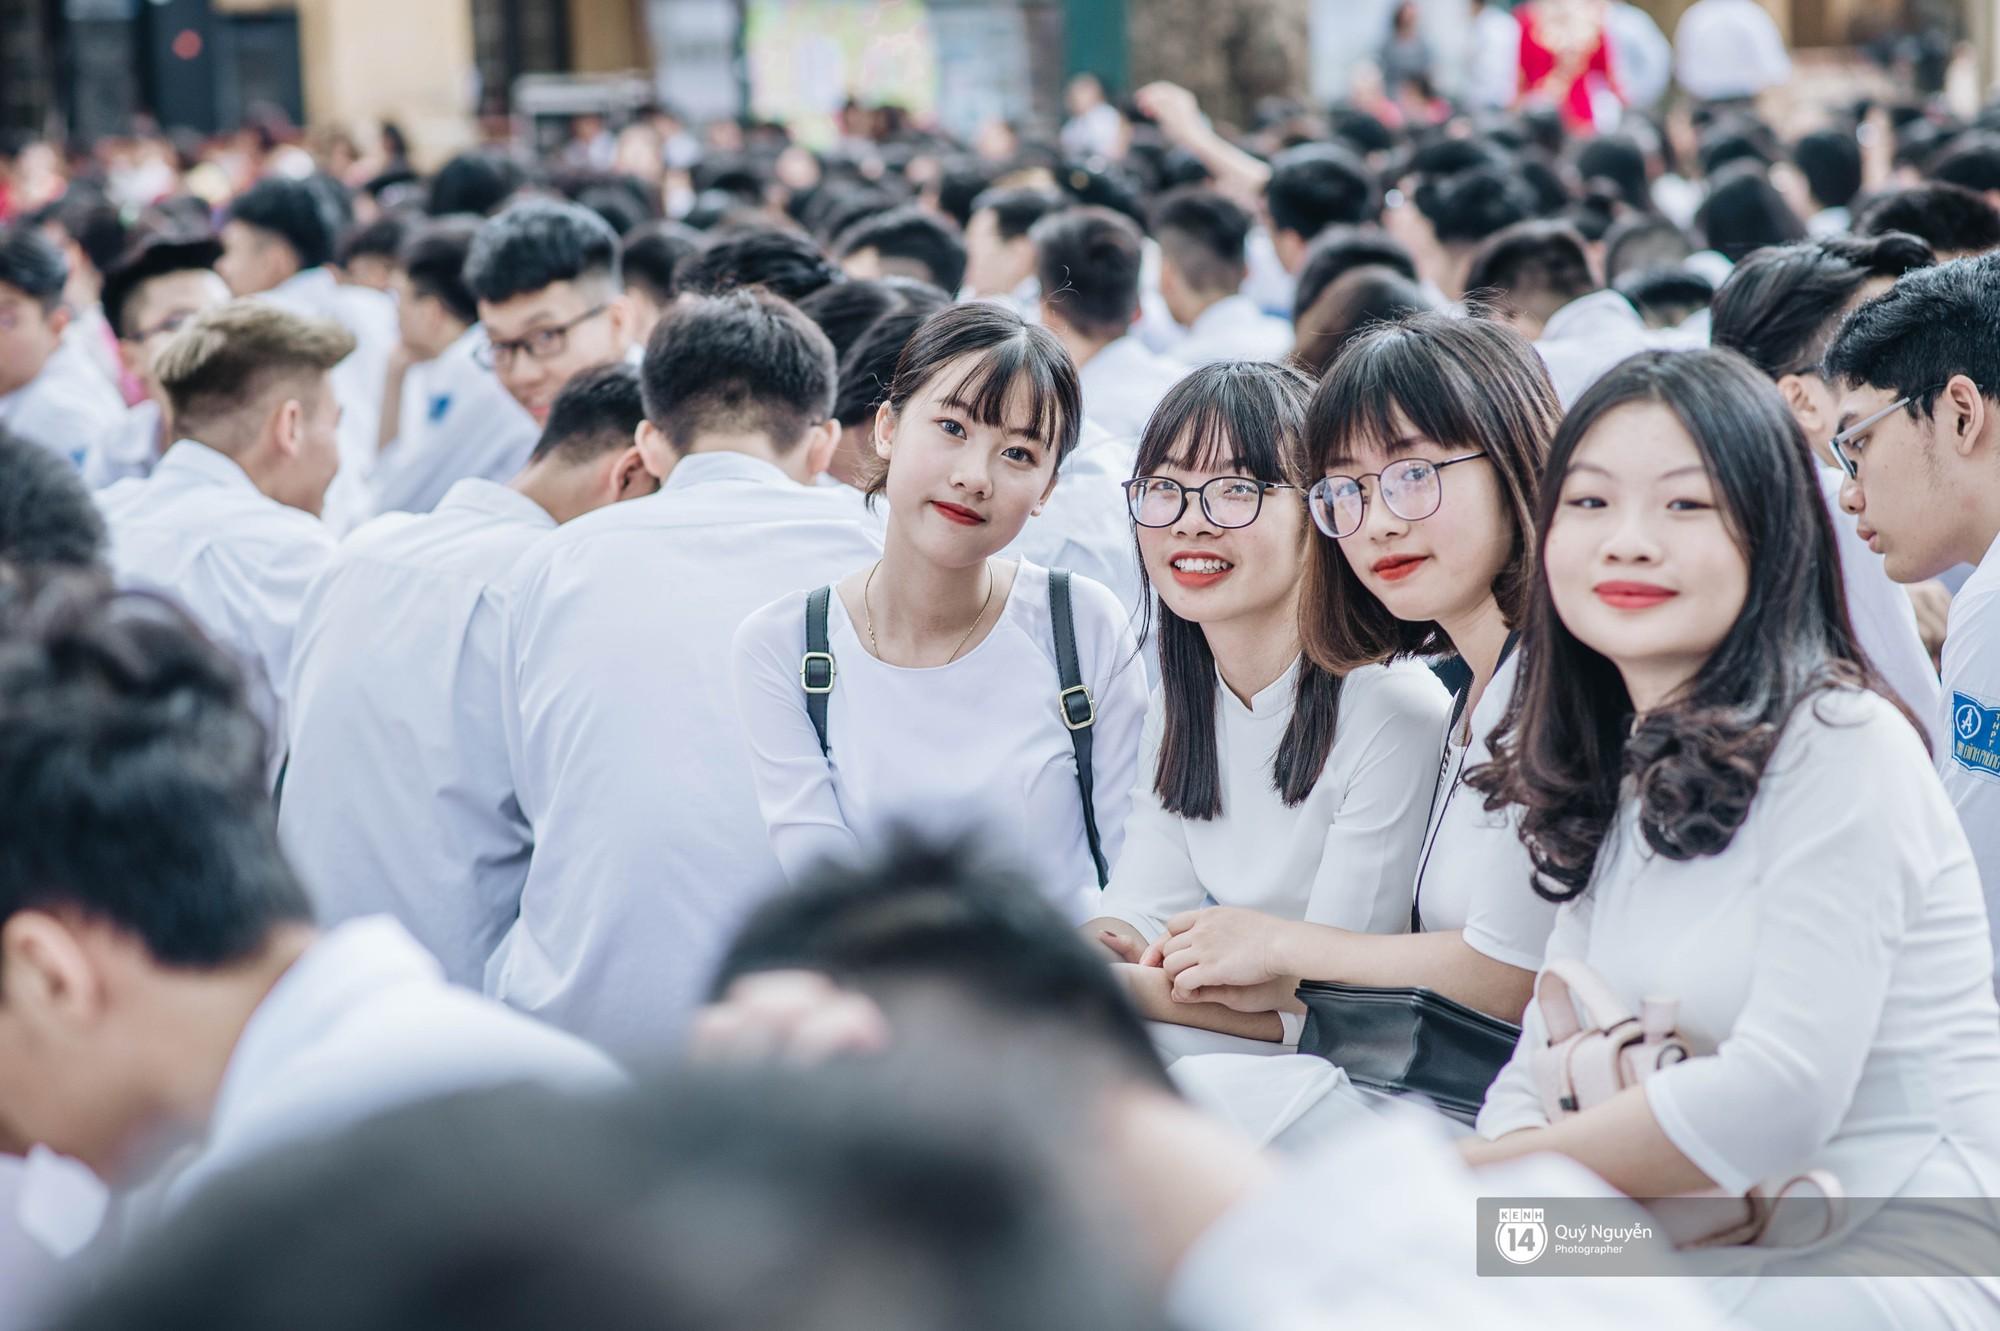 Đặc sản lễ bế giảng trường Phan Đình Phùng: Cả một trời trai xinh gái đẹp - Ảnh 14.